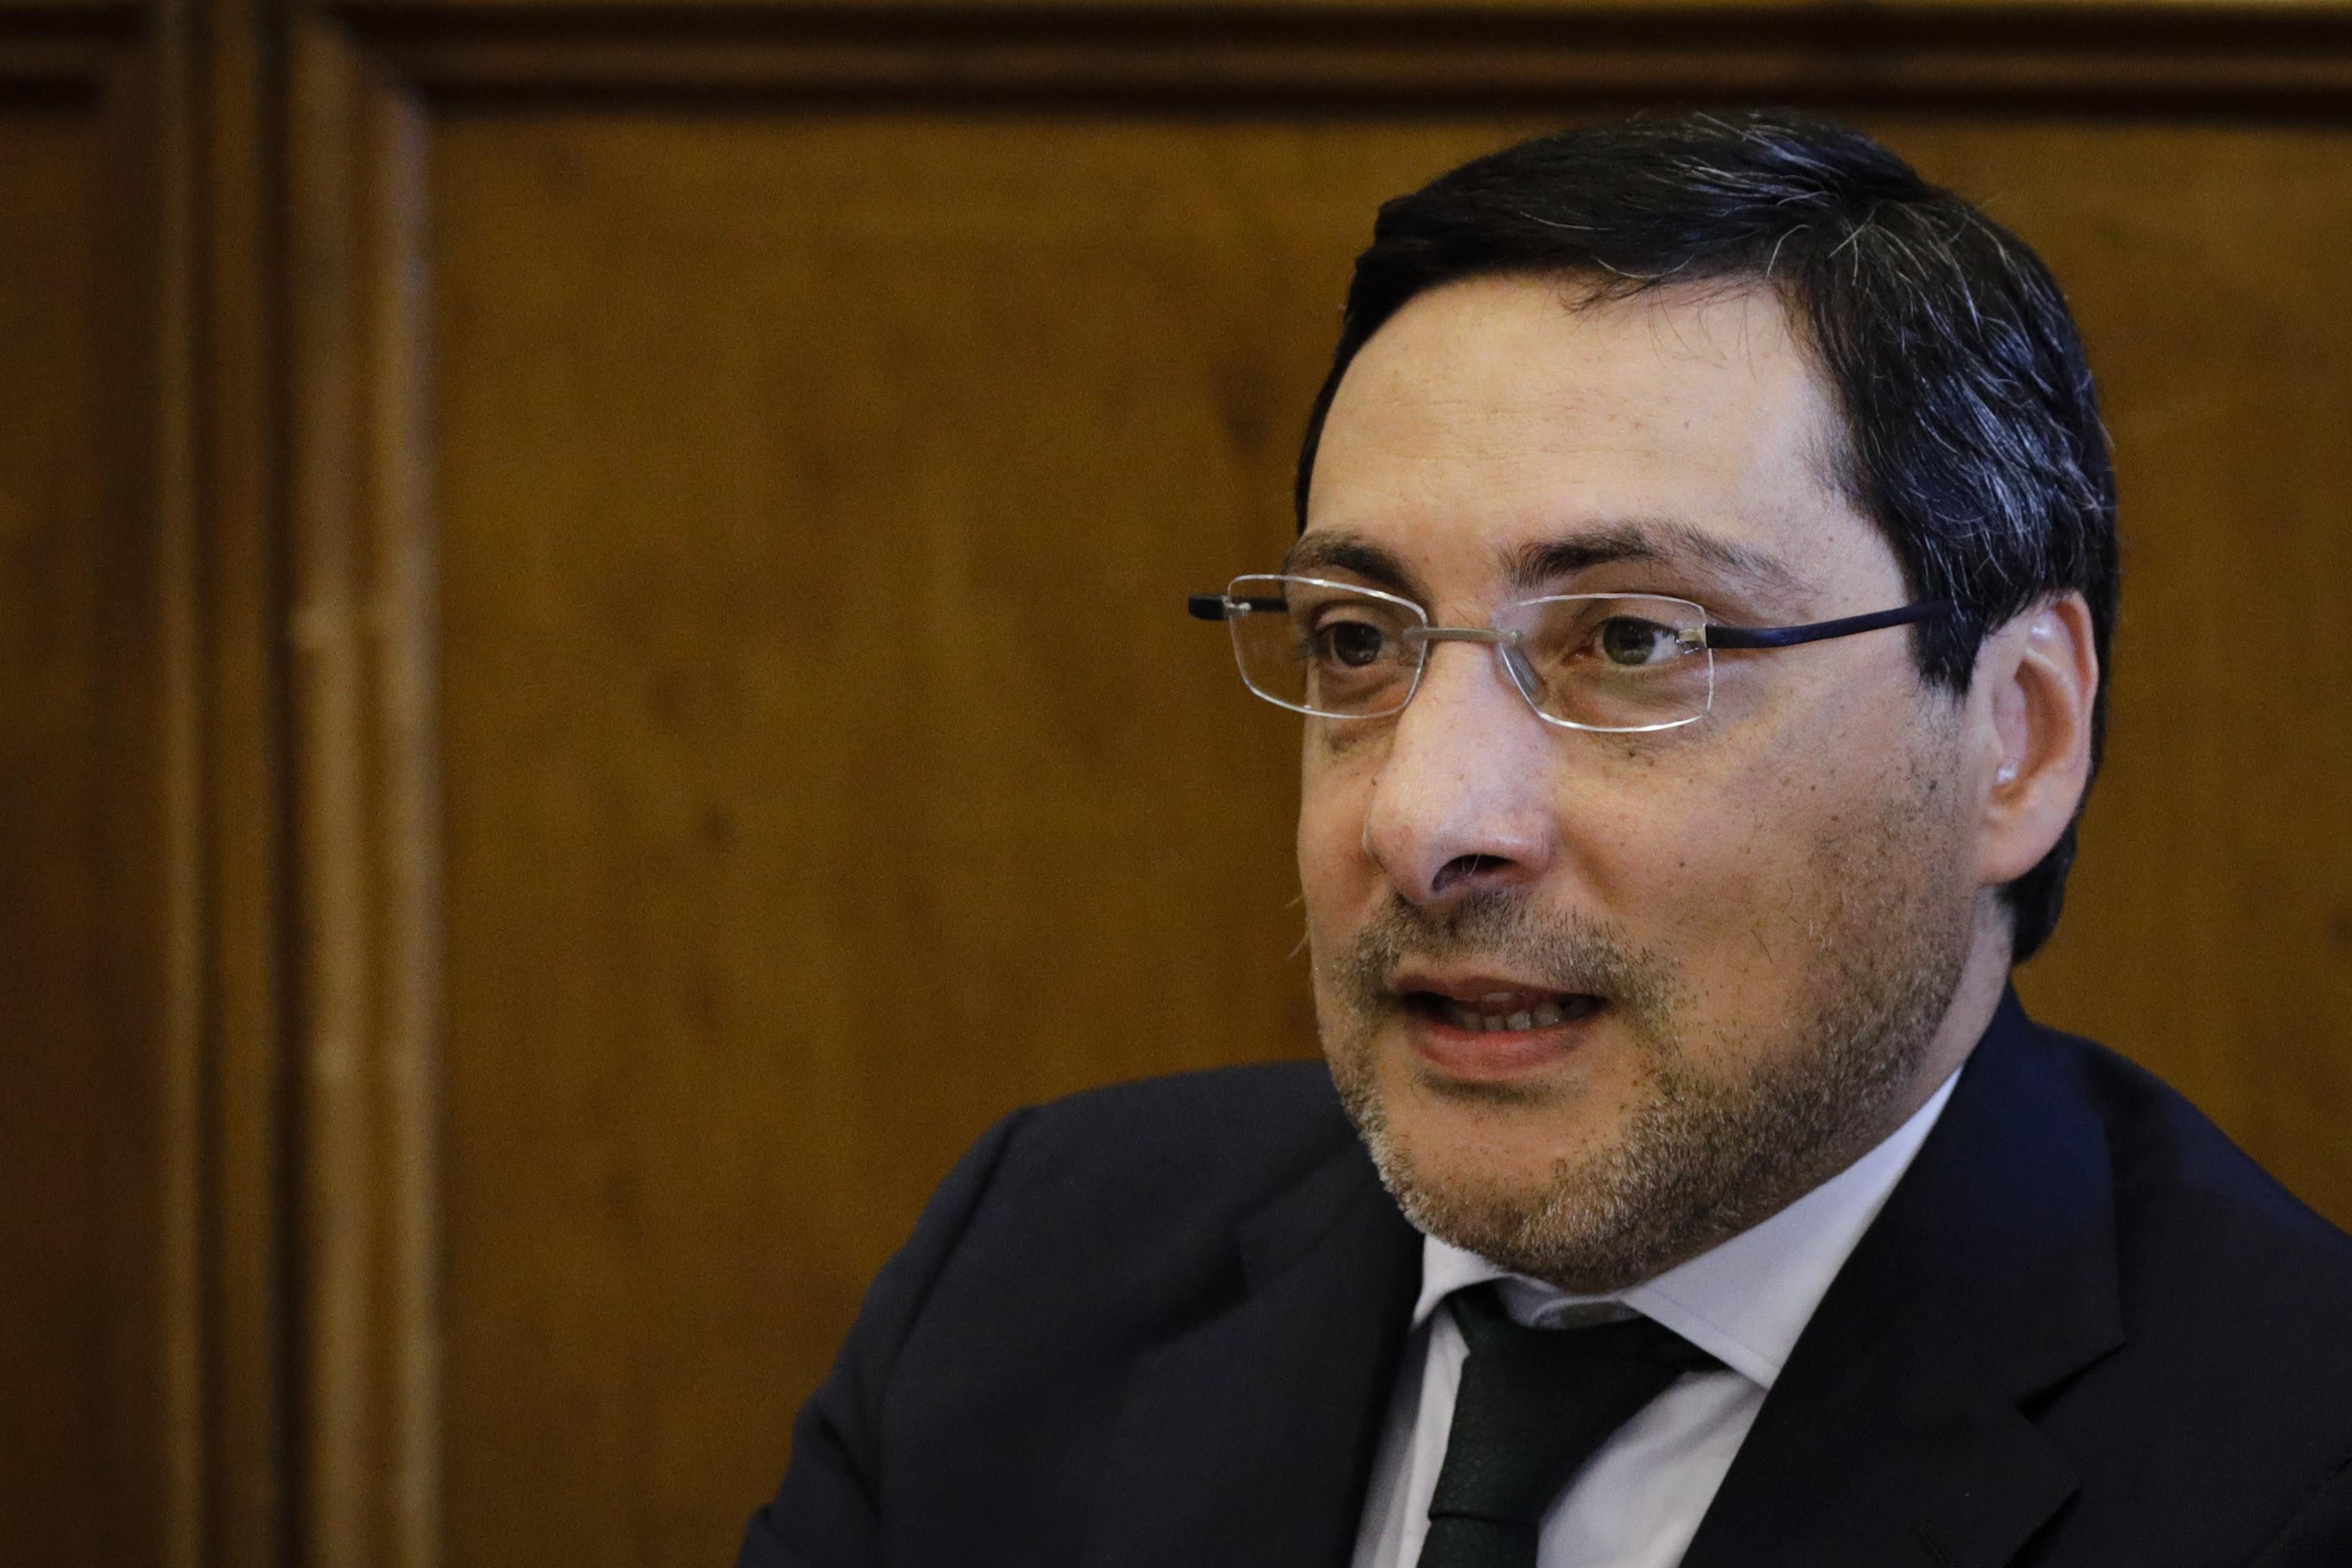 Isenções fiscais levam secretário de Estado e vice da Madeira a Bruxelas